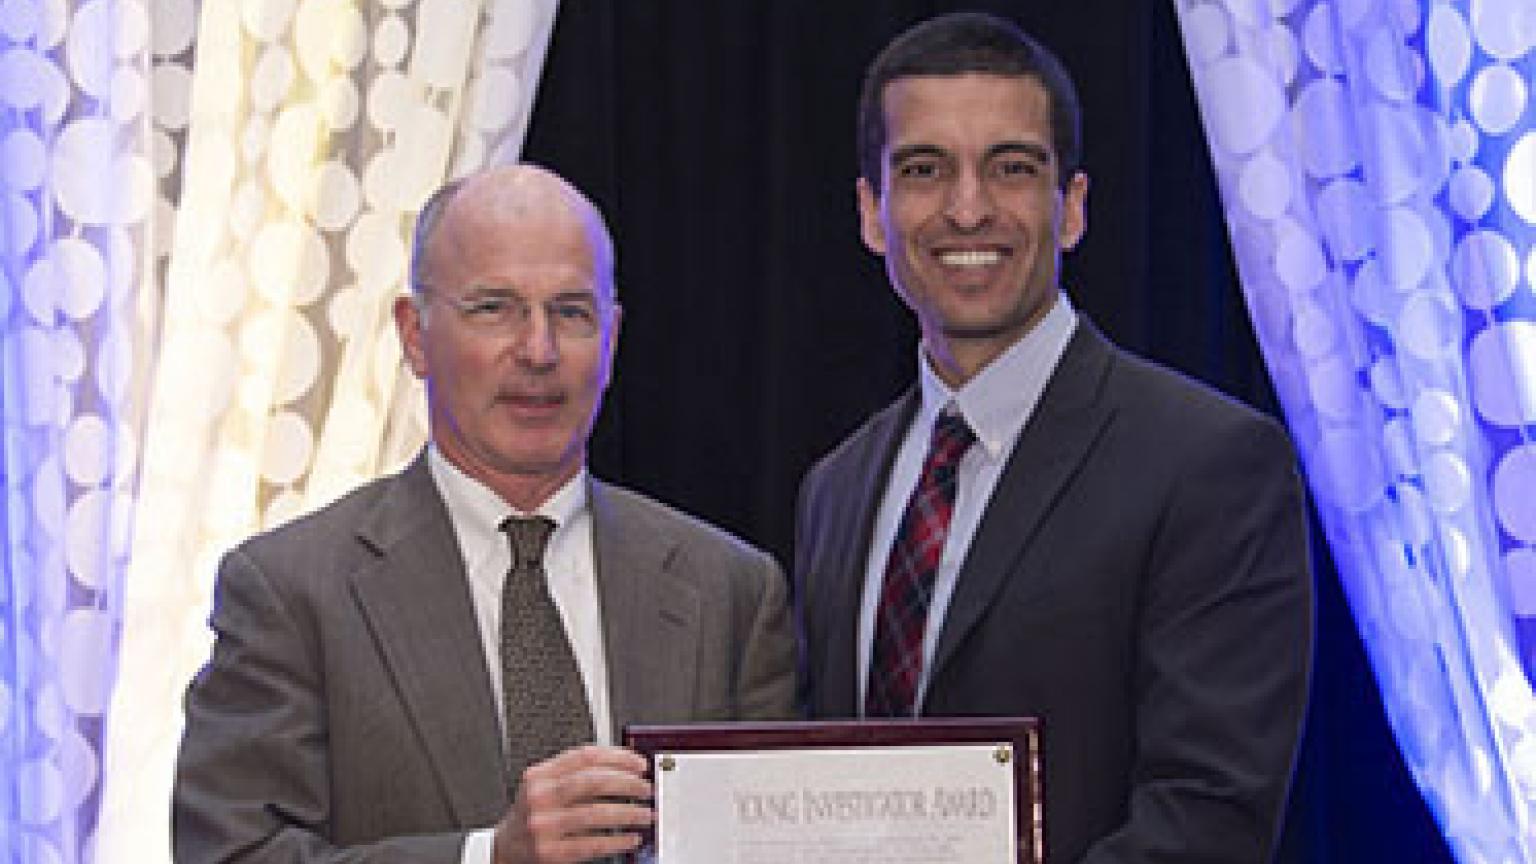 Dr. Mulholland and Farokh R. Demehri, MD